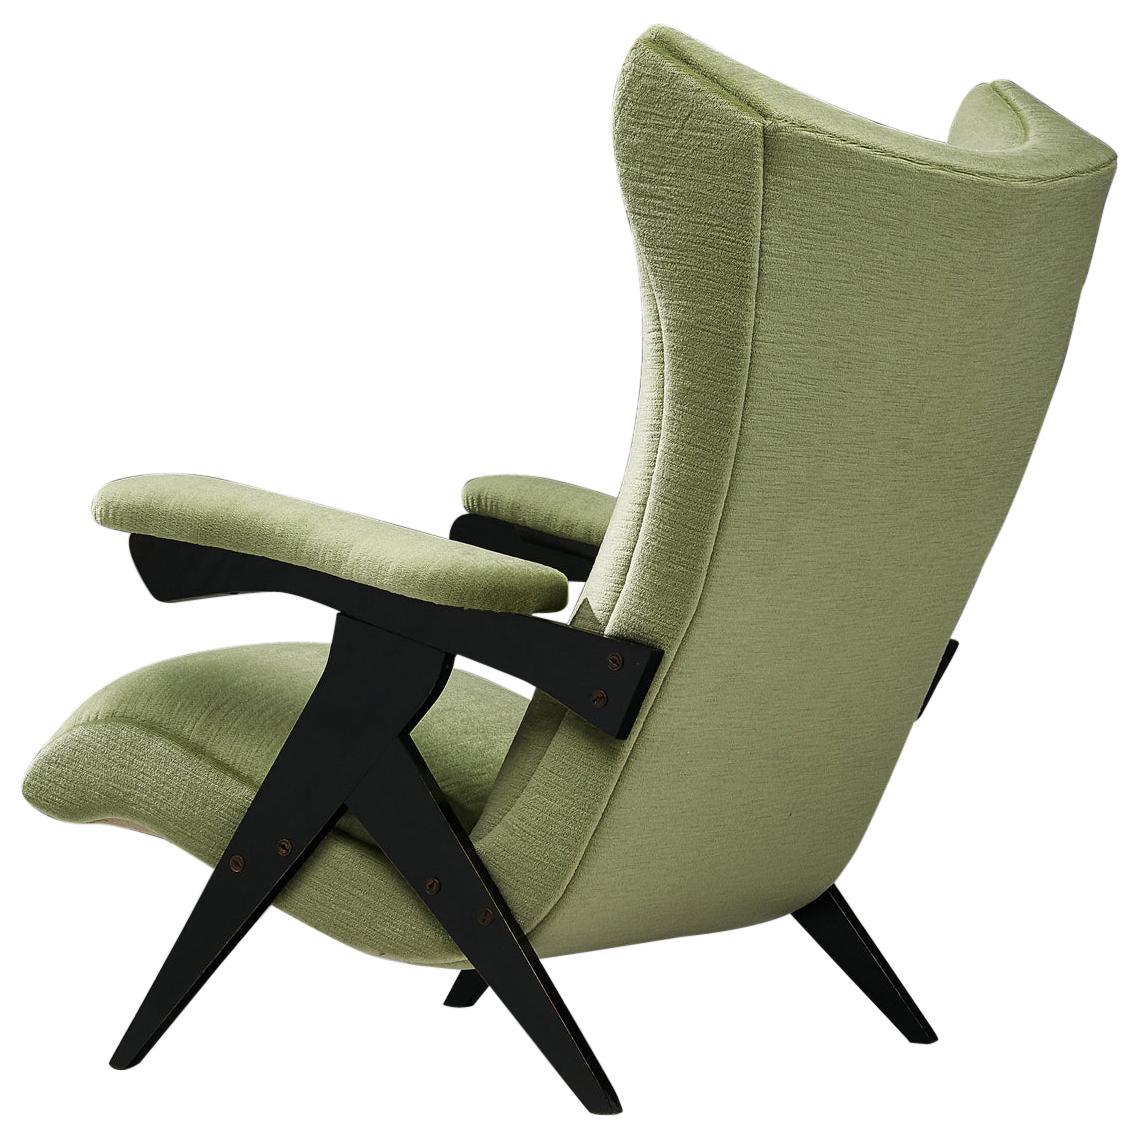 Reupholstered Zanine Caldas High Back Armchair in Green Velvet Upholstery